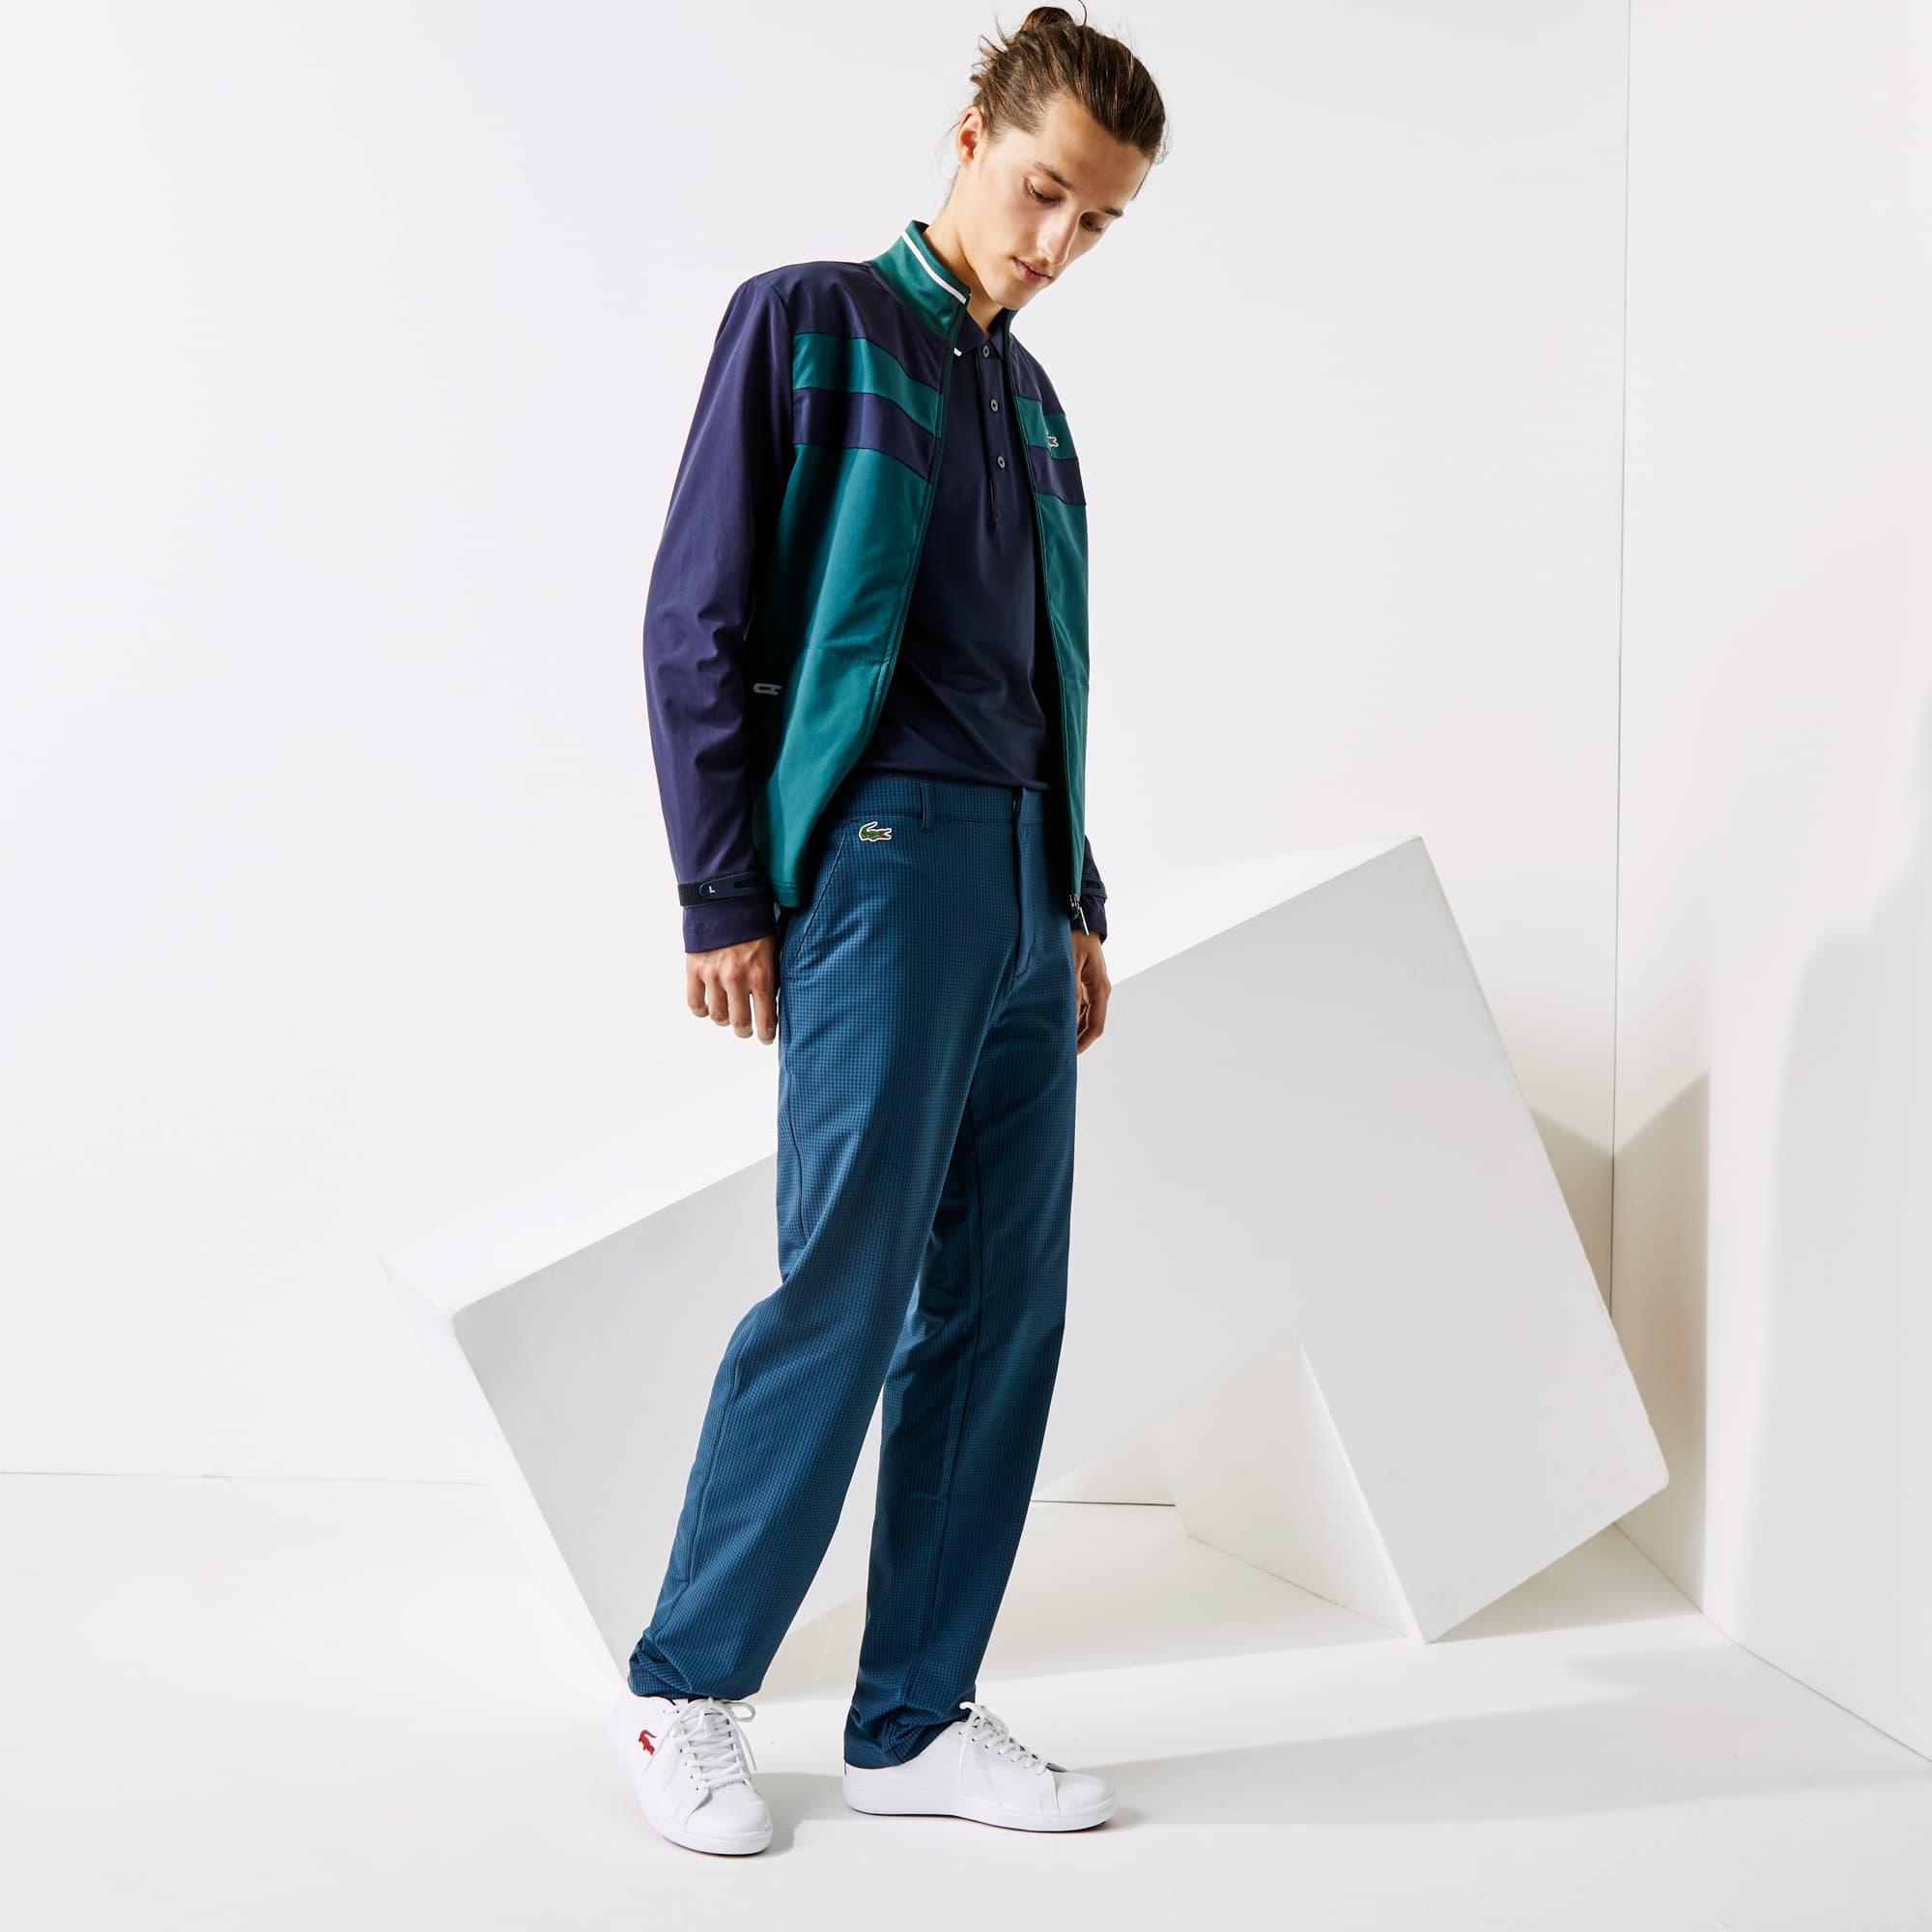 라코스테 골프 팬츠 Lacoste Mens SPORT Checkered Technical Golf Pants,Navy Blue / Green DVQ